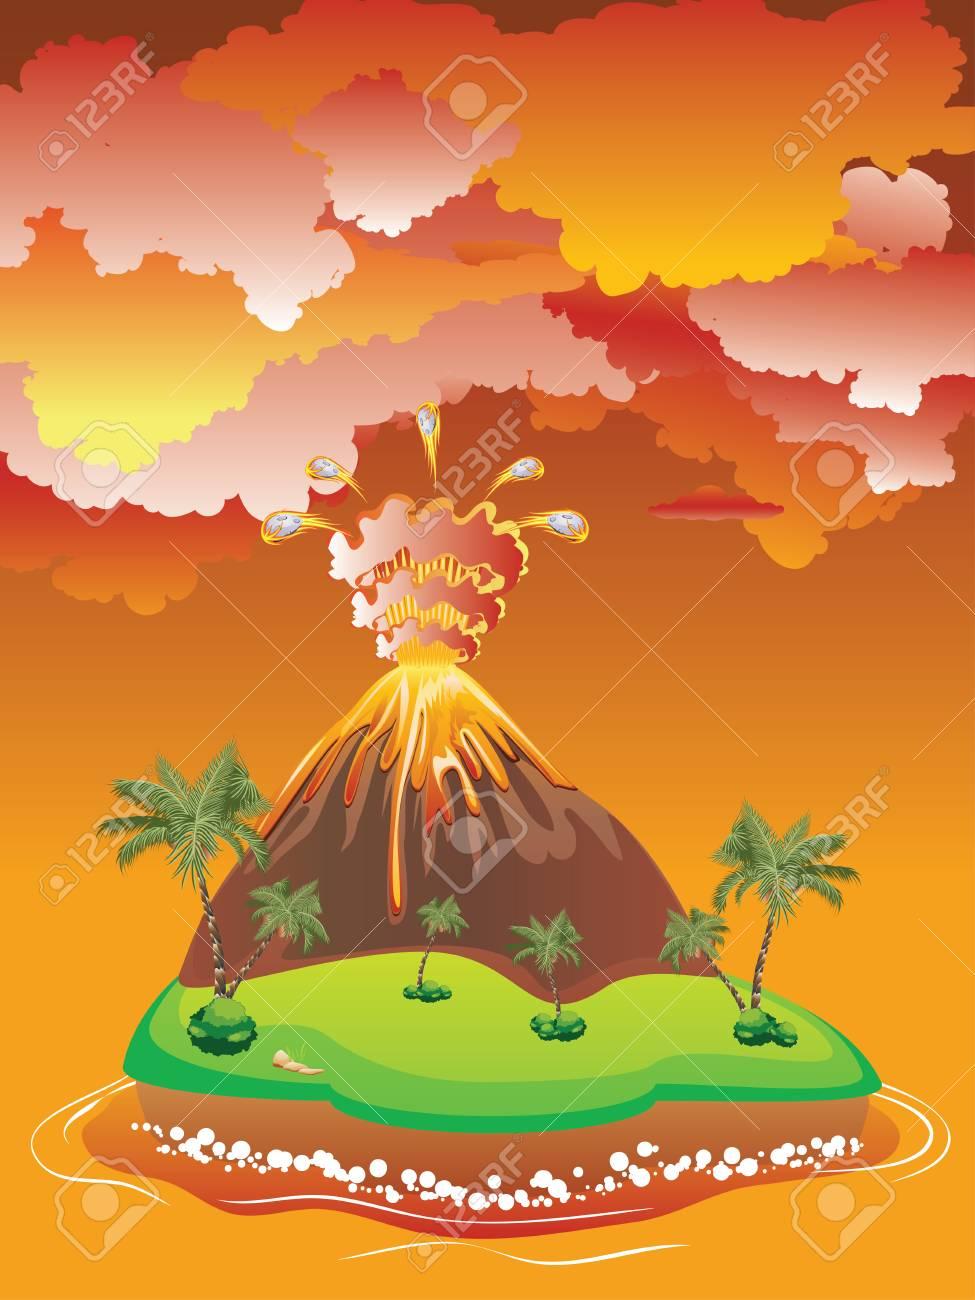 Ilustración De La Erupción Del Volcán Del Dibujo Animado Con La Lava